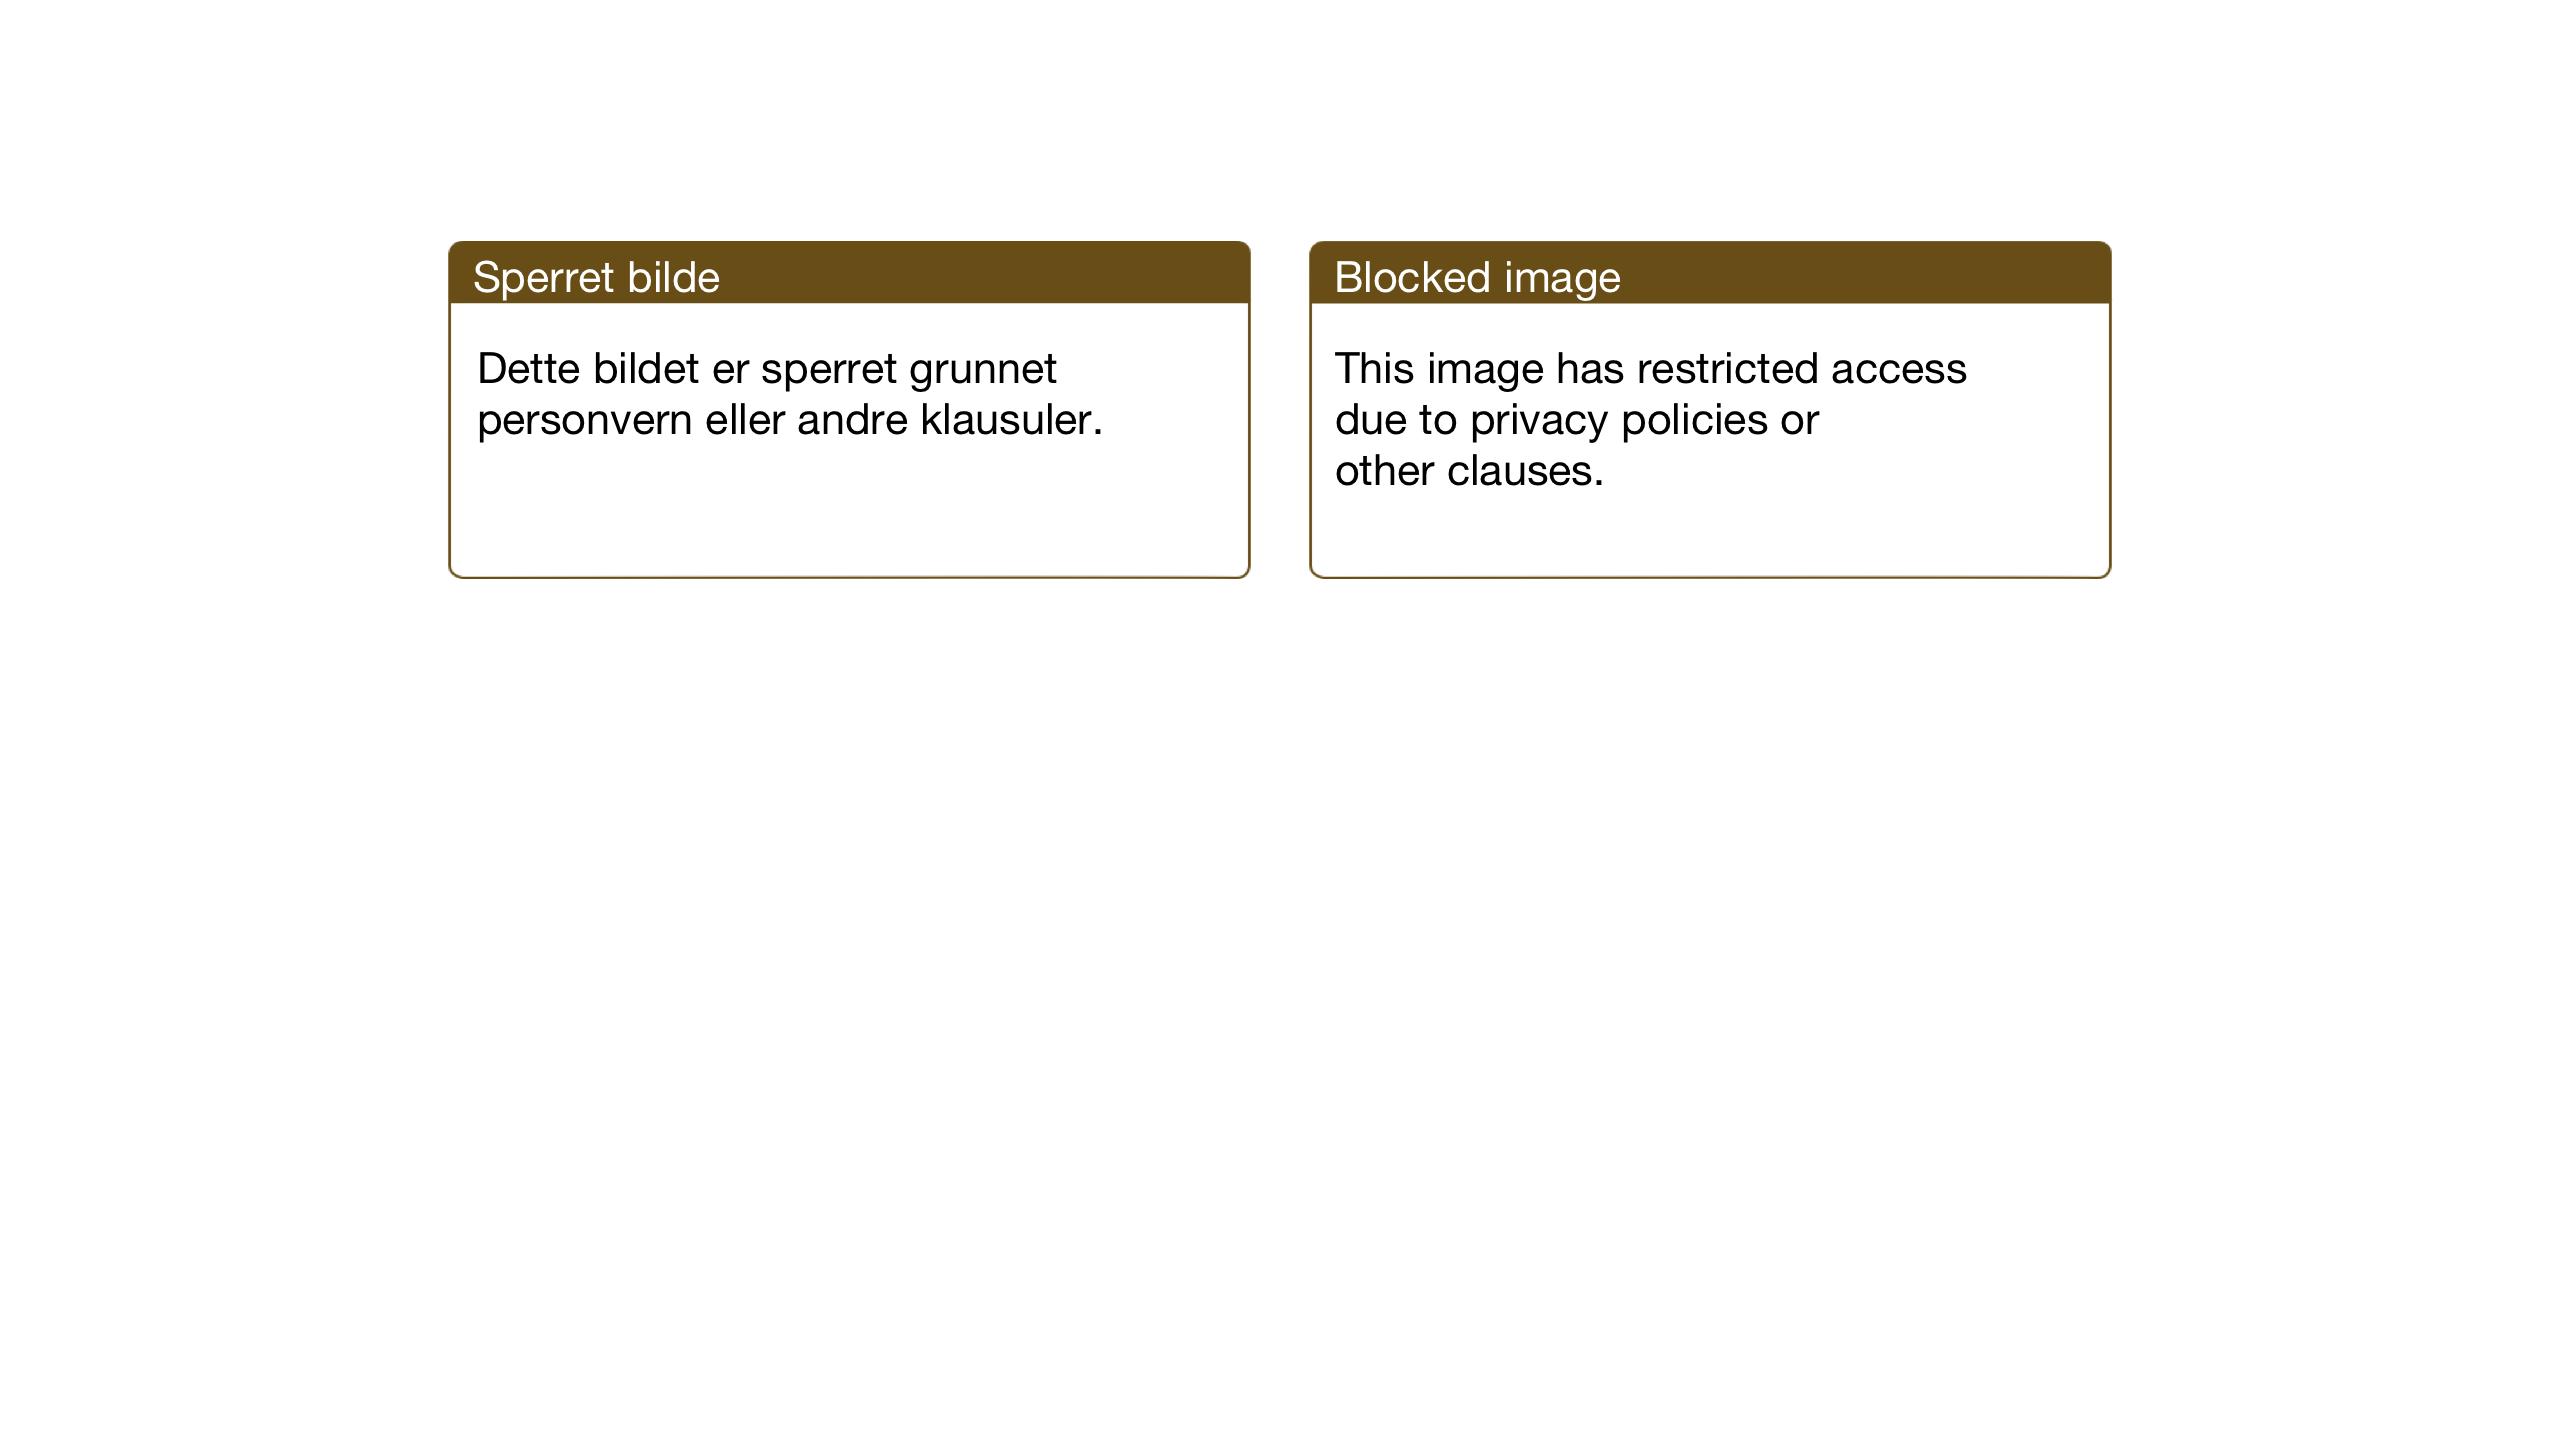 SAT, Ministerialprotokoller, klokkerbøker og fødselsregistre - Nord-Trøndelag, 755/L0500: Klokkerbok nr. 755C01, 1920-1962, s. 42